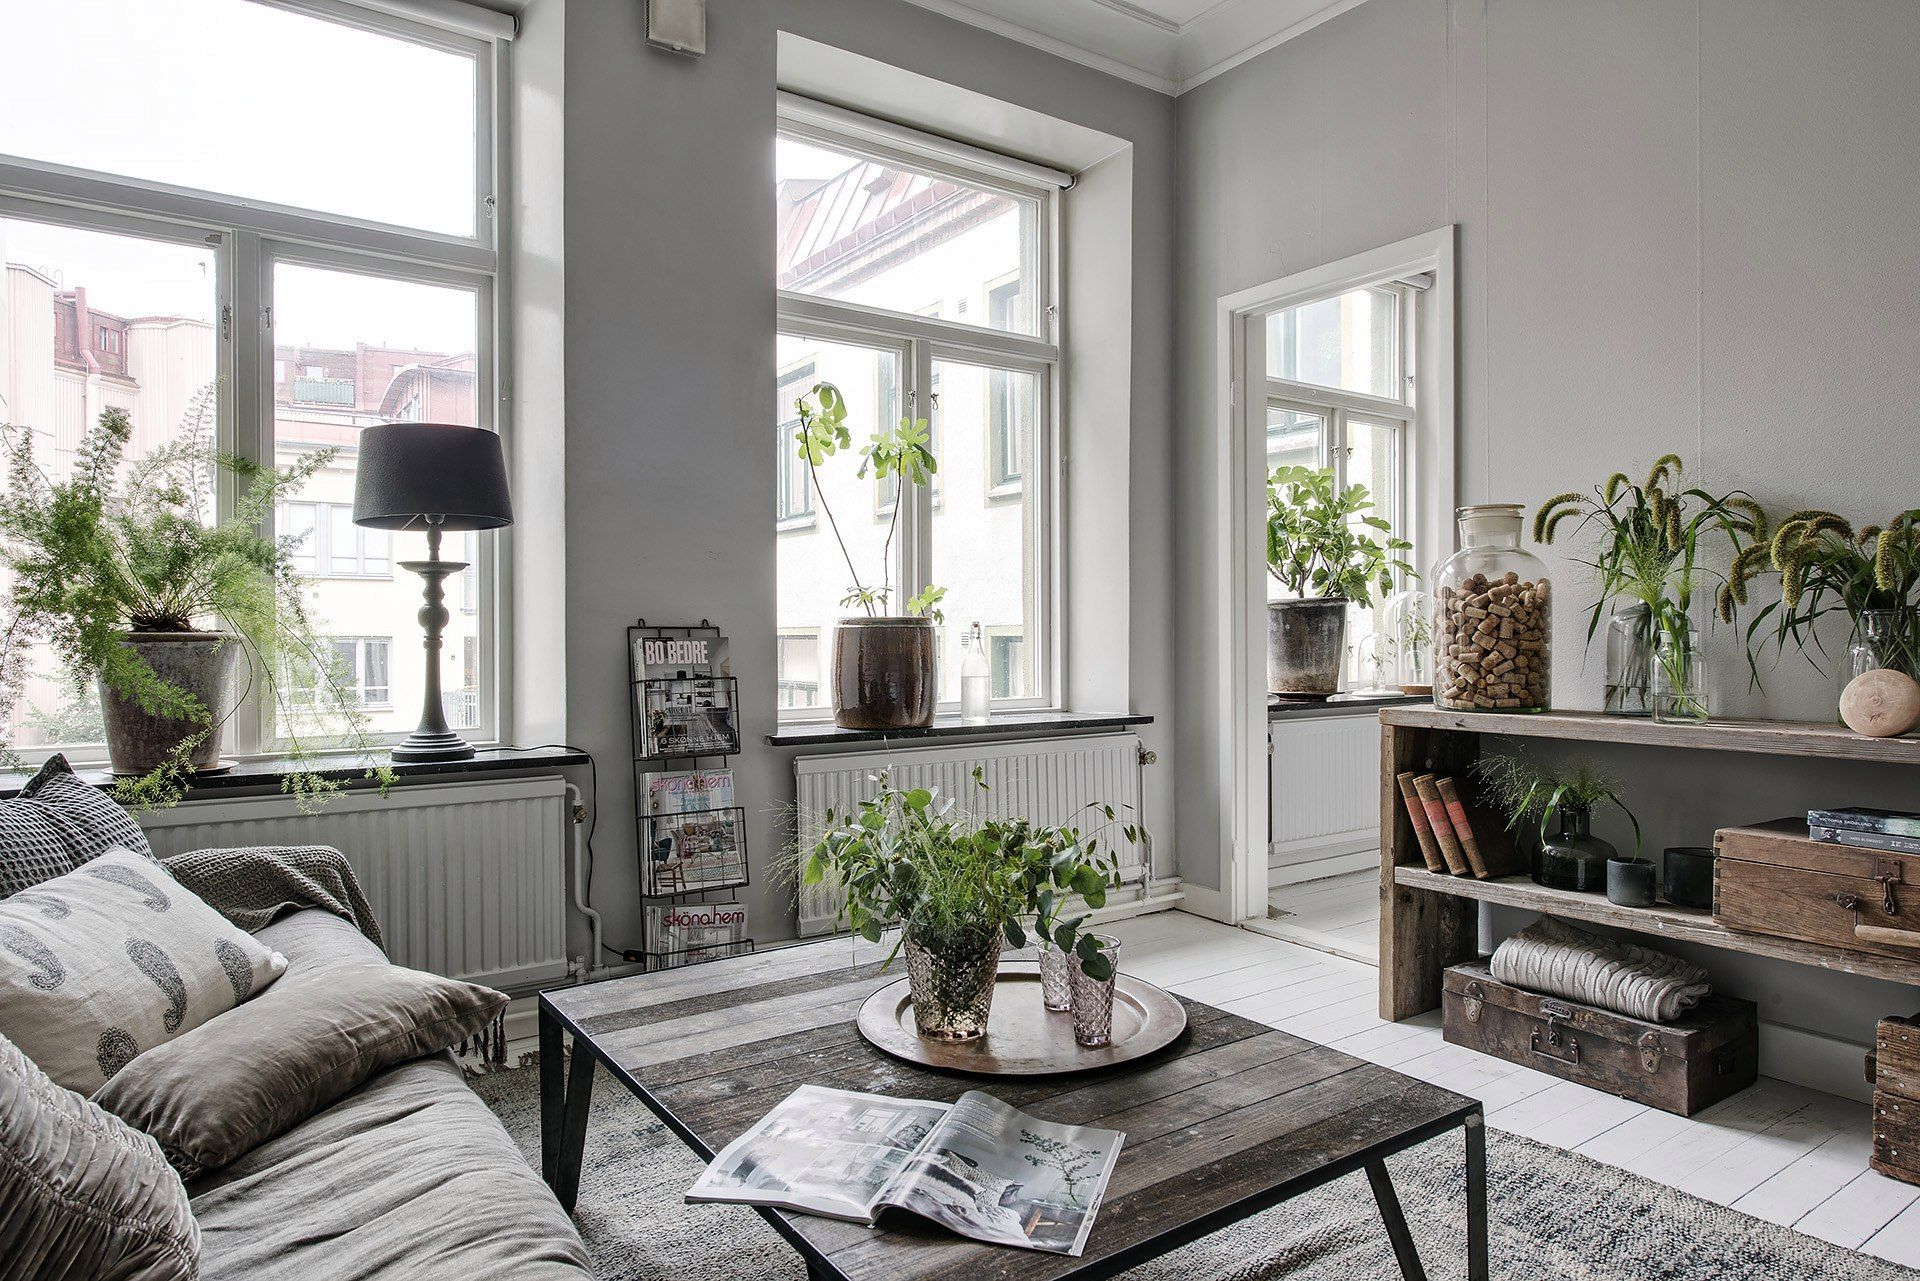 Скандинавский стиль в интерьере | Интерьер | Pinterest